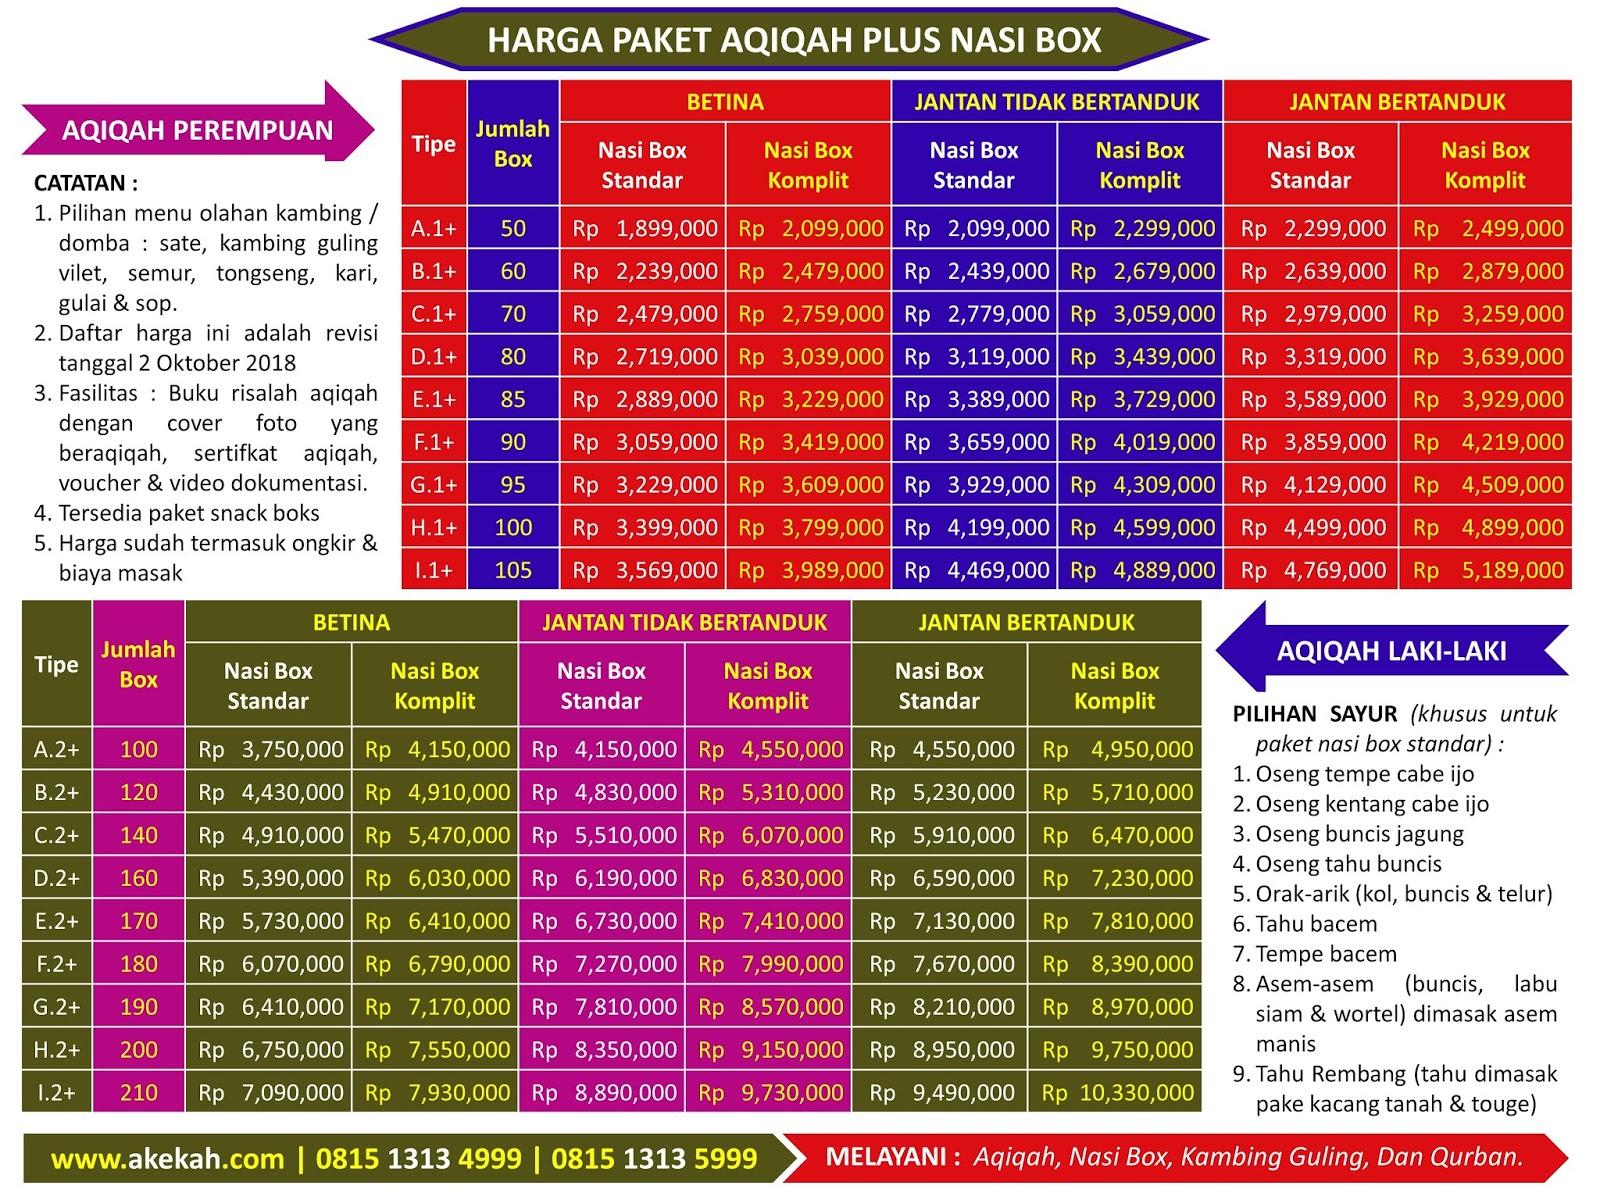 Penyedia Aqiqah Plus Untuk Anak Wilayah Tanjungsari Bogor